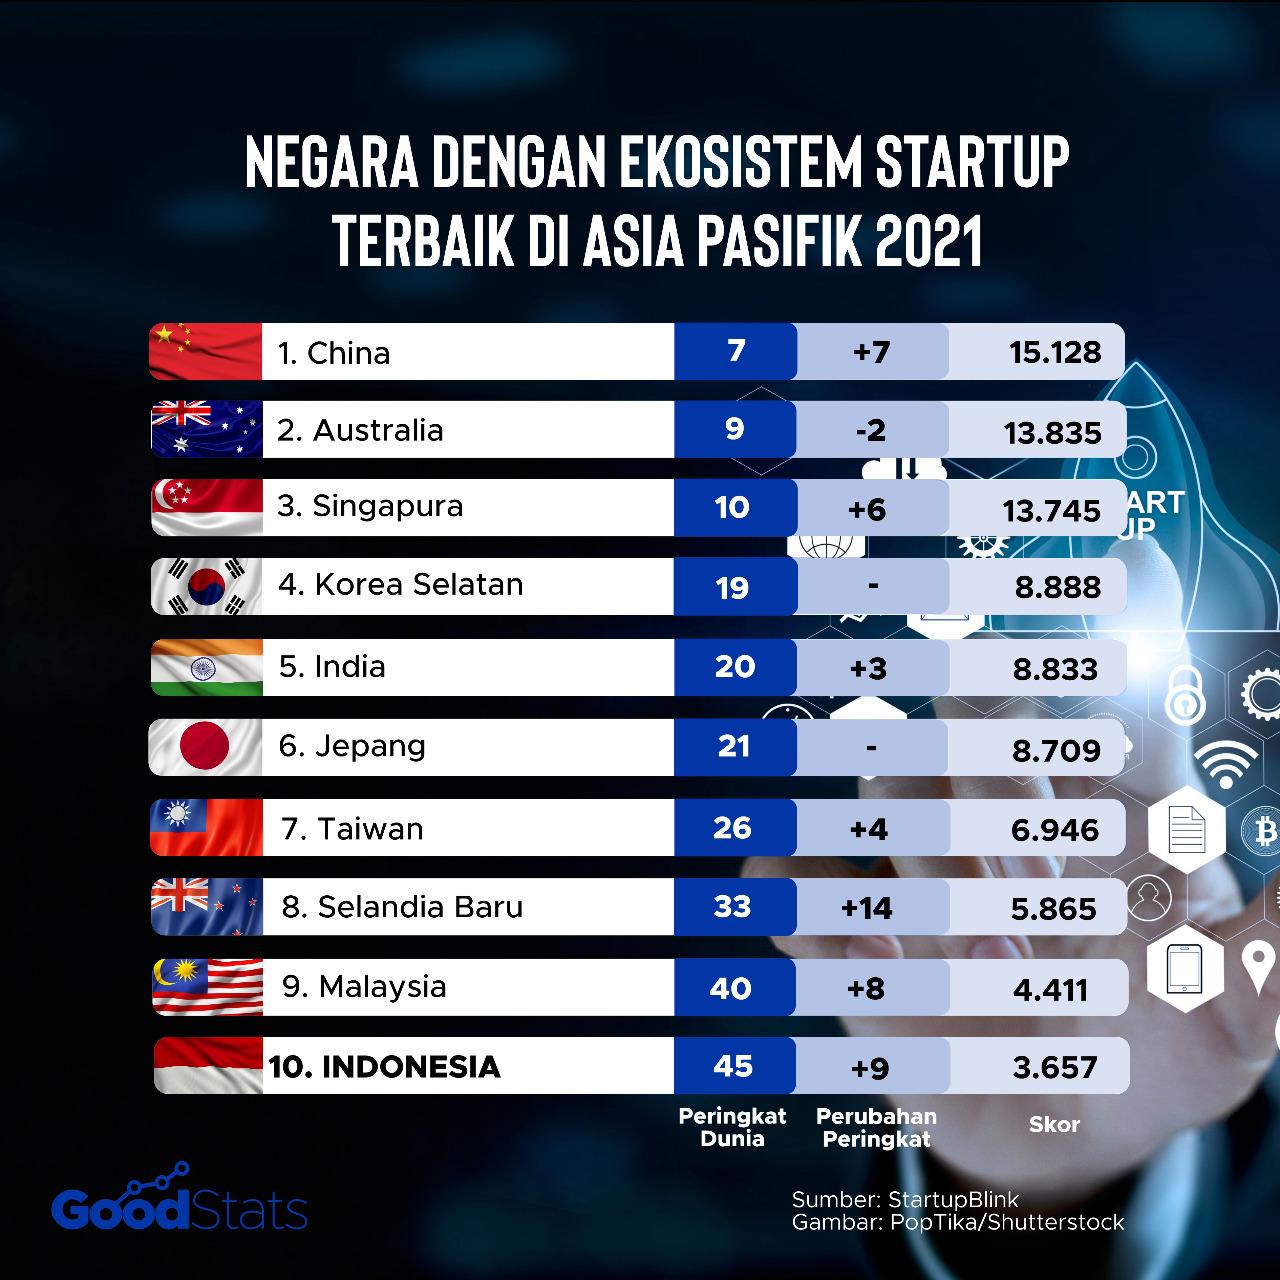 Peringkat negara dengan ekosistem startup terbaik di Asia Pasifik   GoodStats